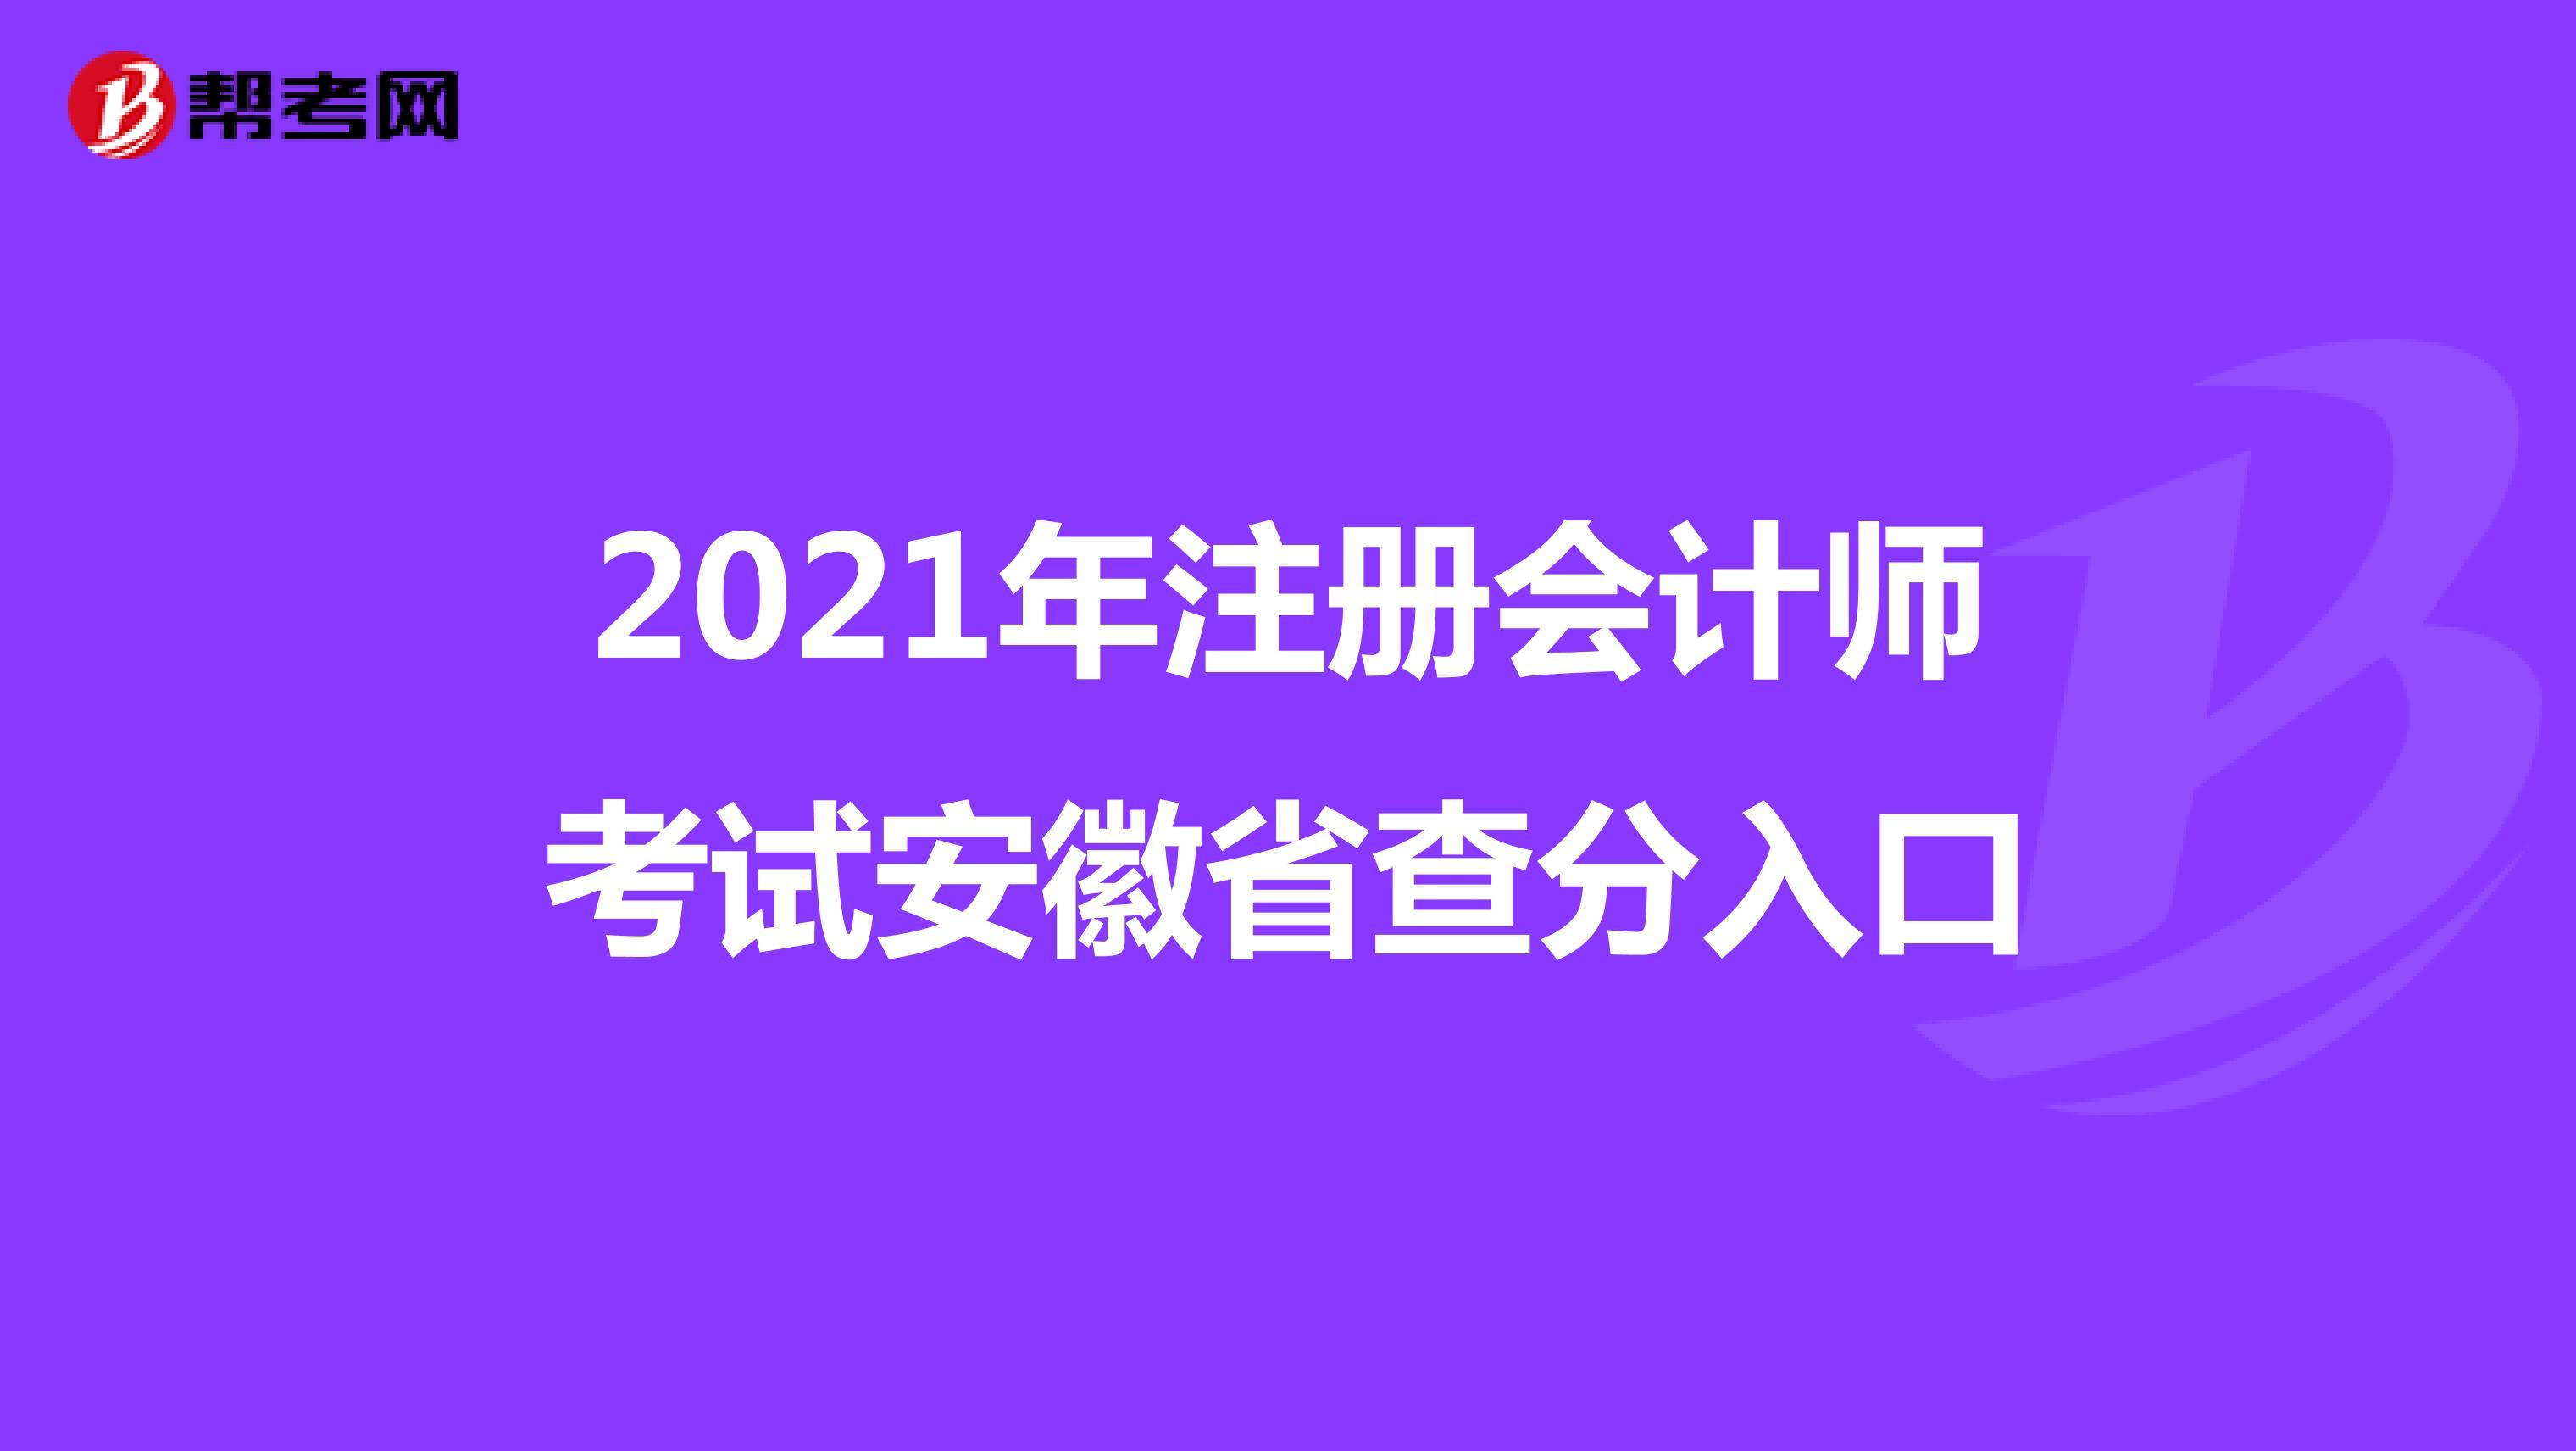 2021年注册会计师考试安徽省查分入口